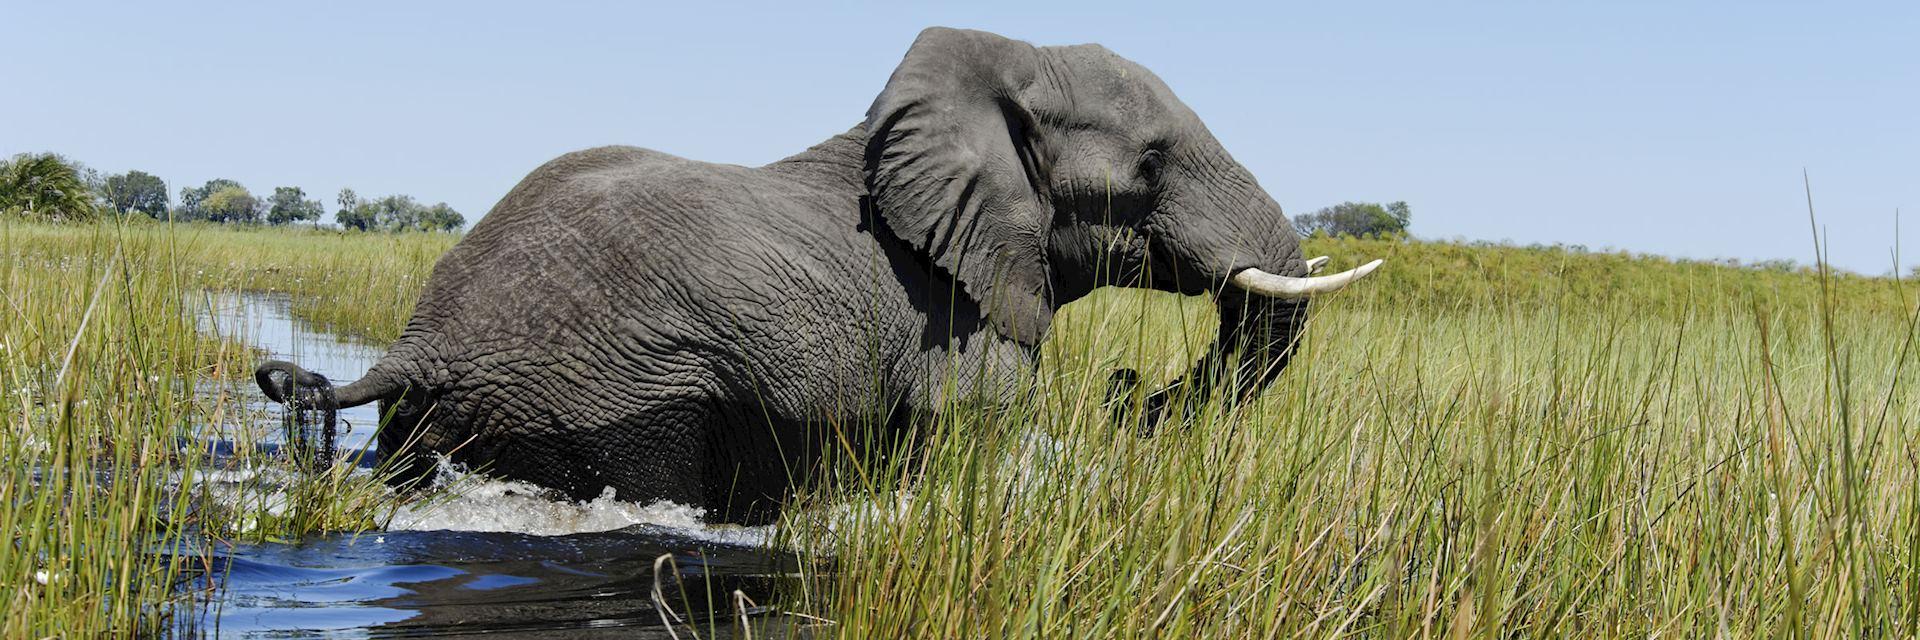 Elephant crossing the Okavango Delta